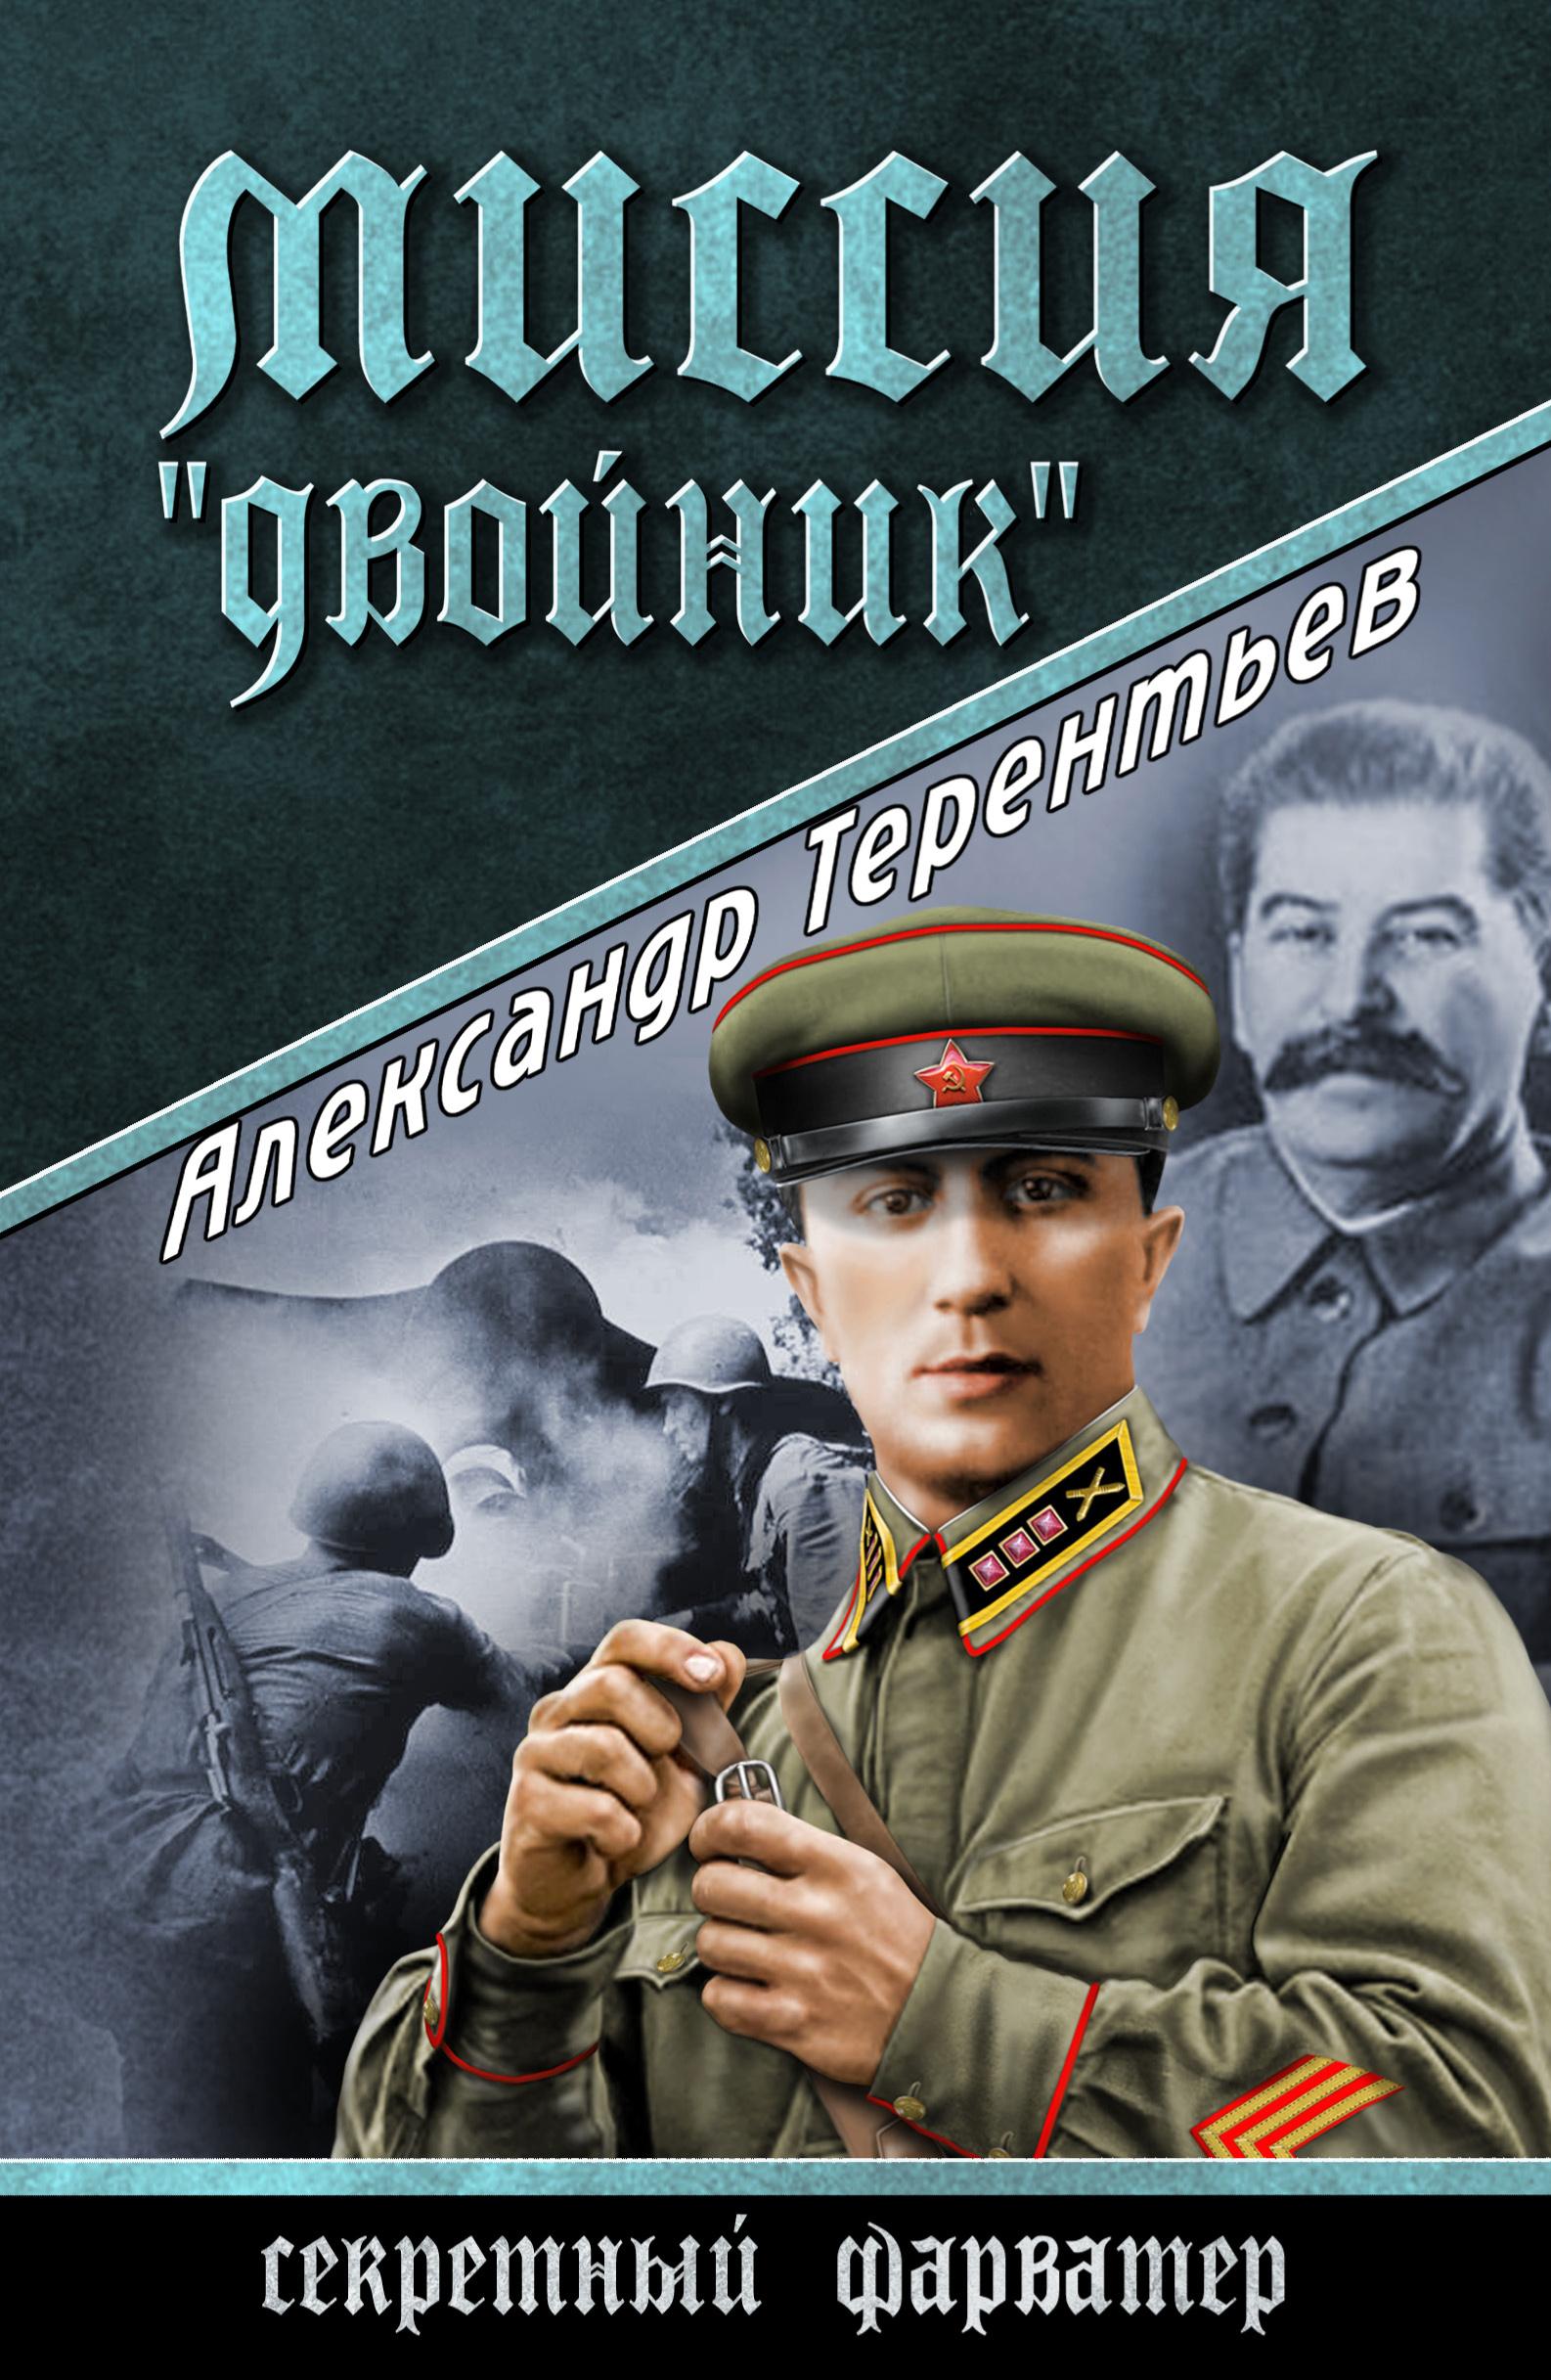 http://novostiliteratury.ru/wp-content/uploads/2013/10/Терентьев.jpg